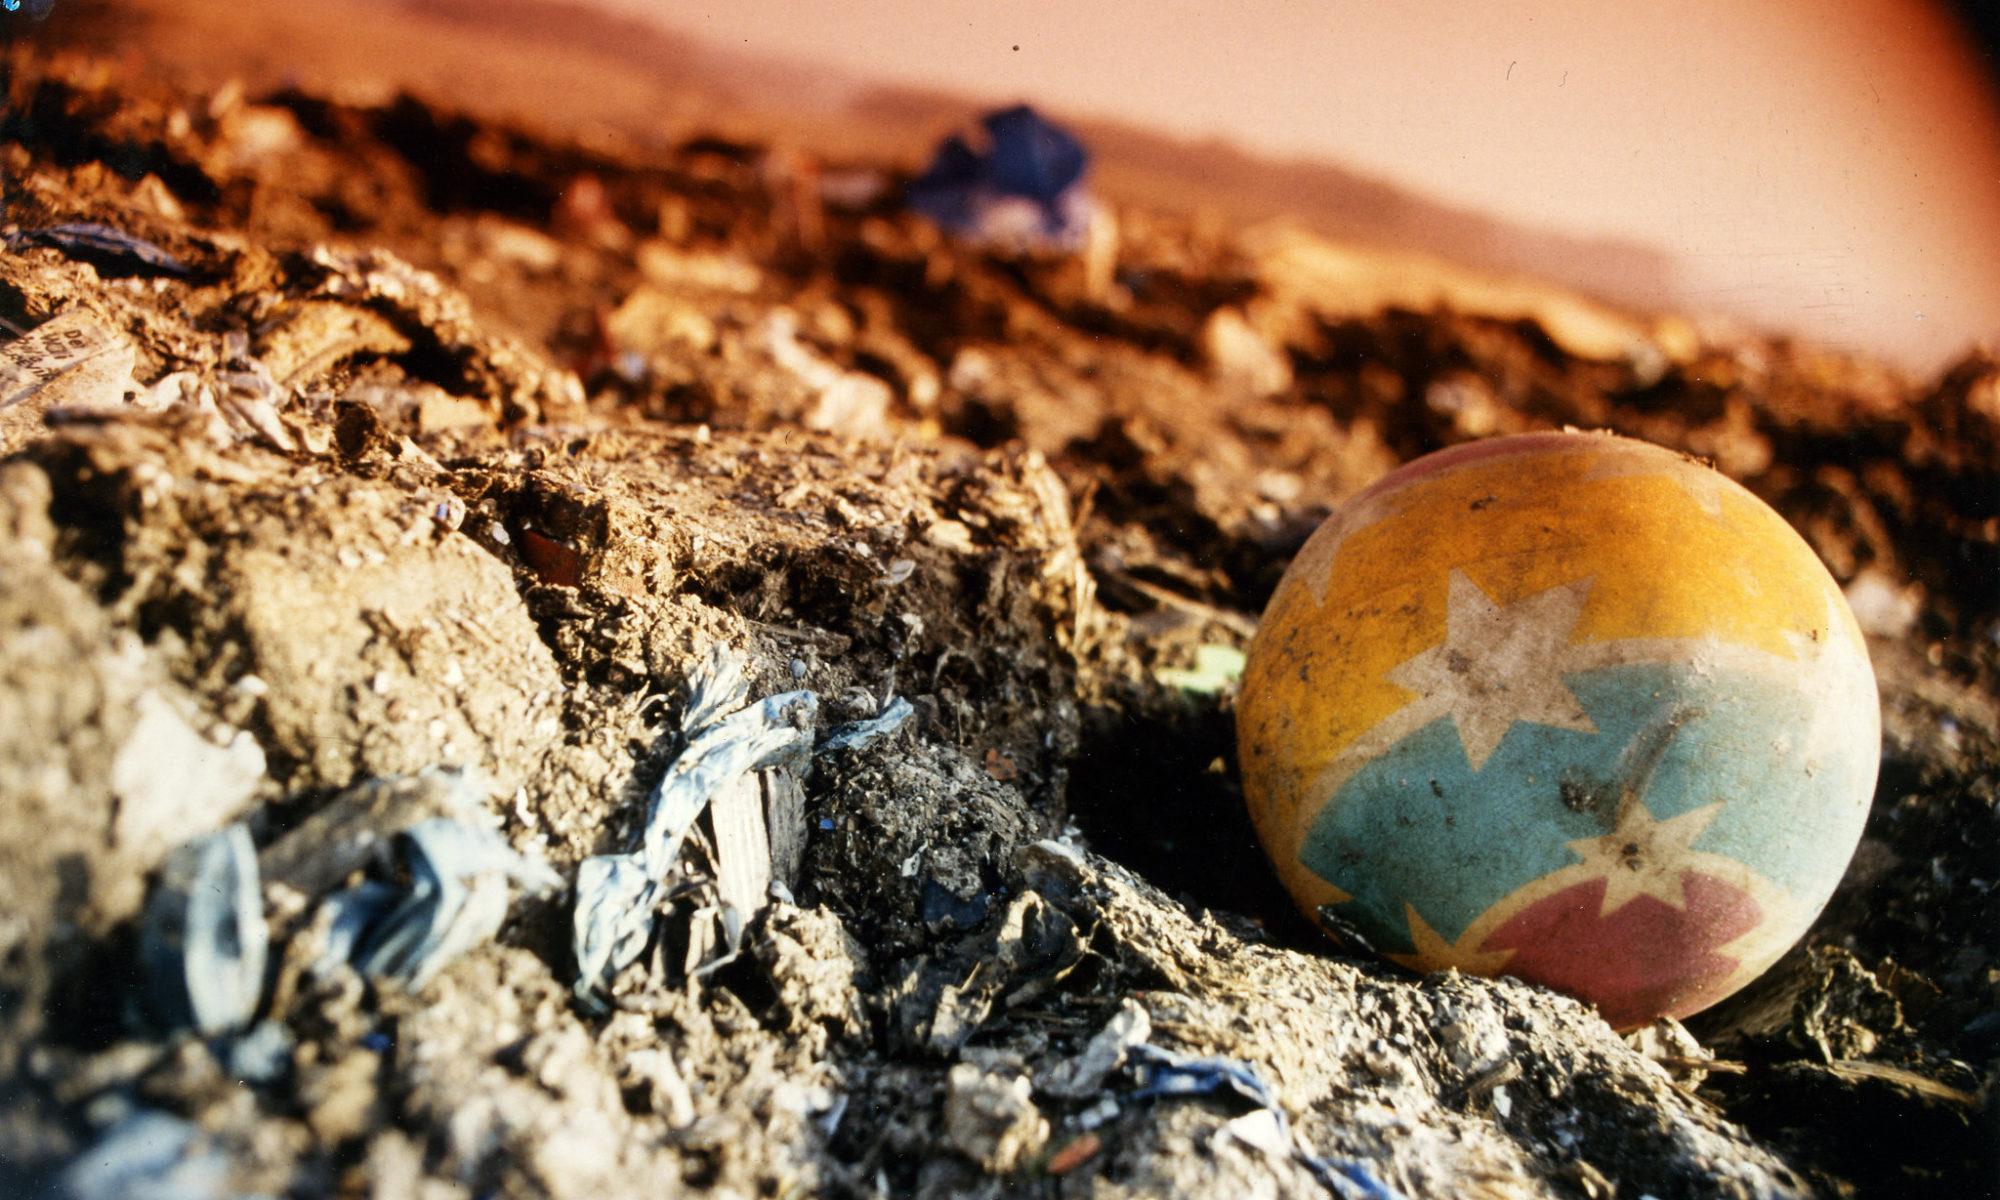 Mikroplastik und größere Plastikteile am Strand